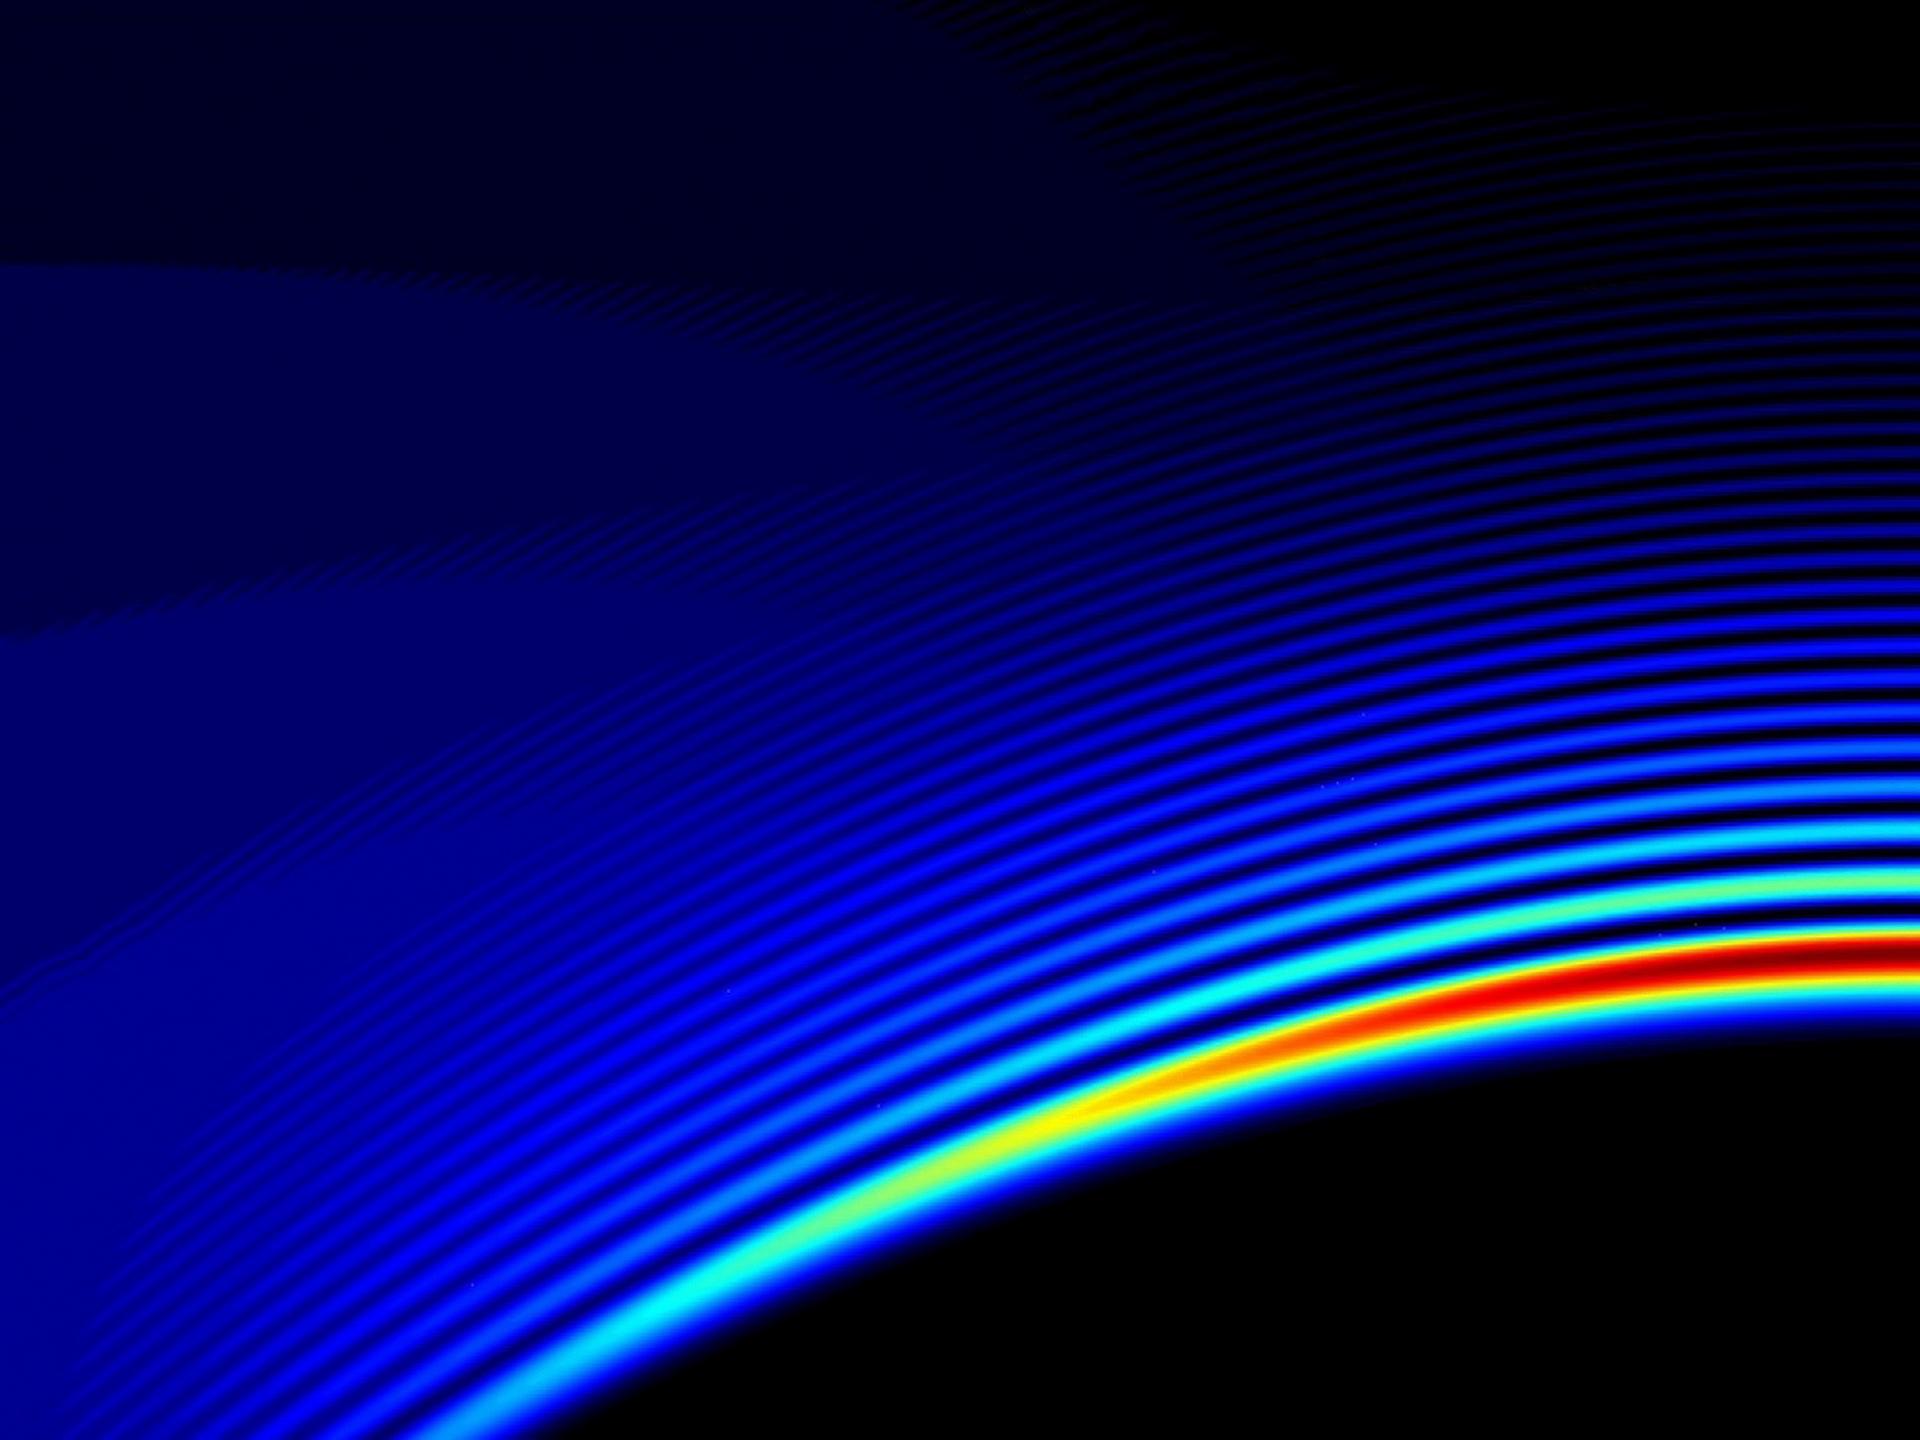 デスクトップ壁紙 青 サークル ストライプ 明るい 色 バック